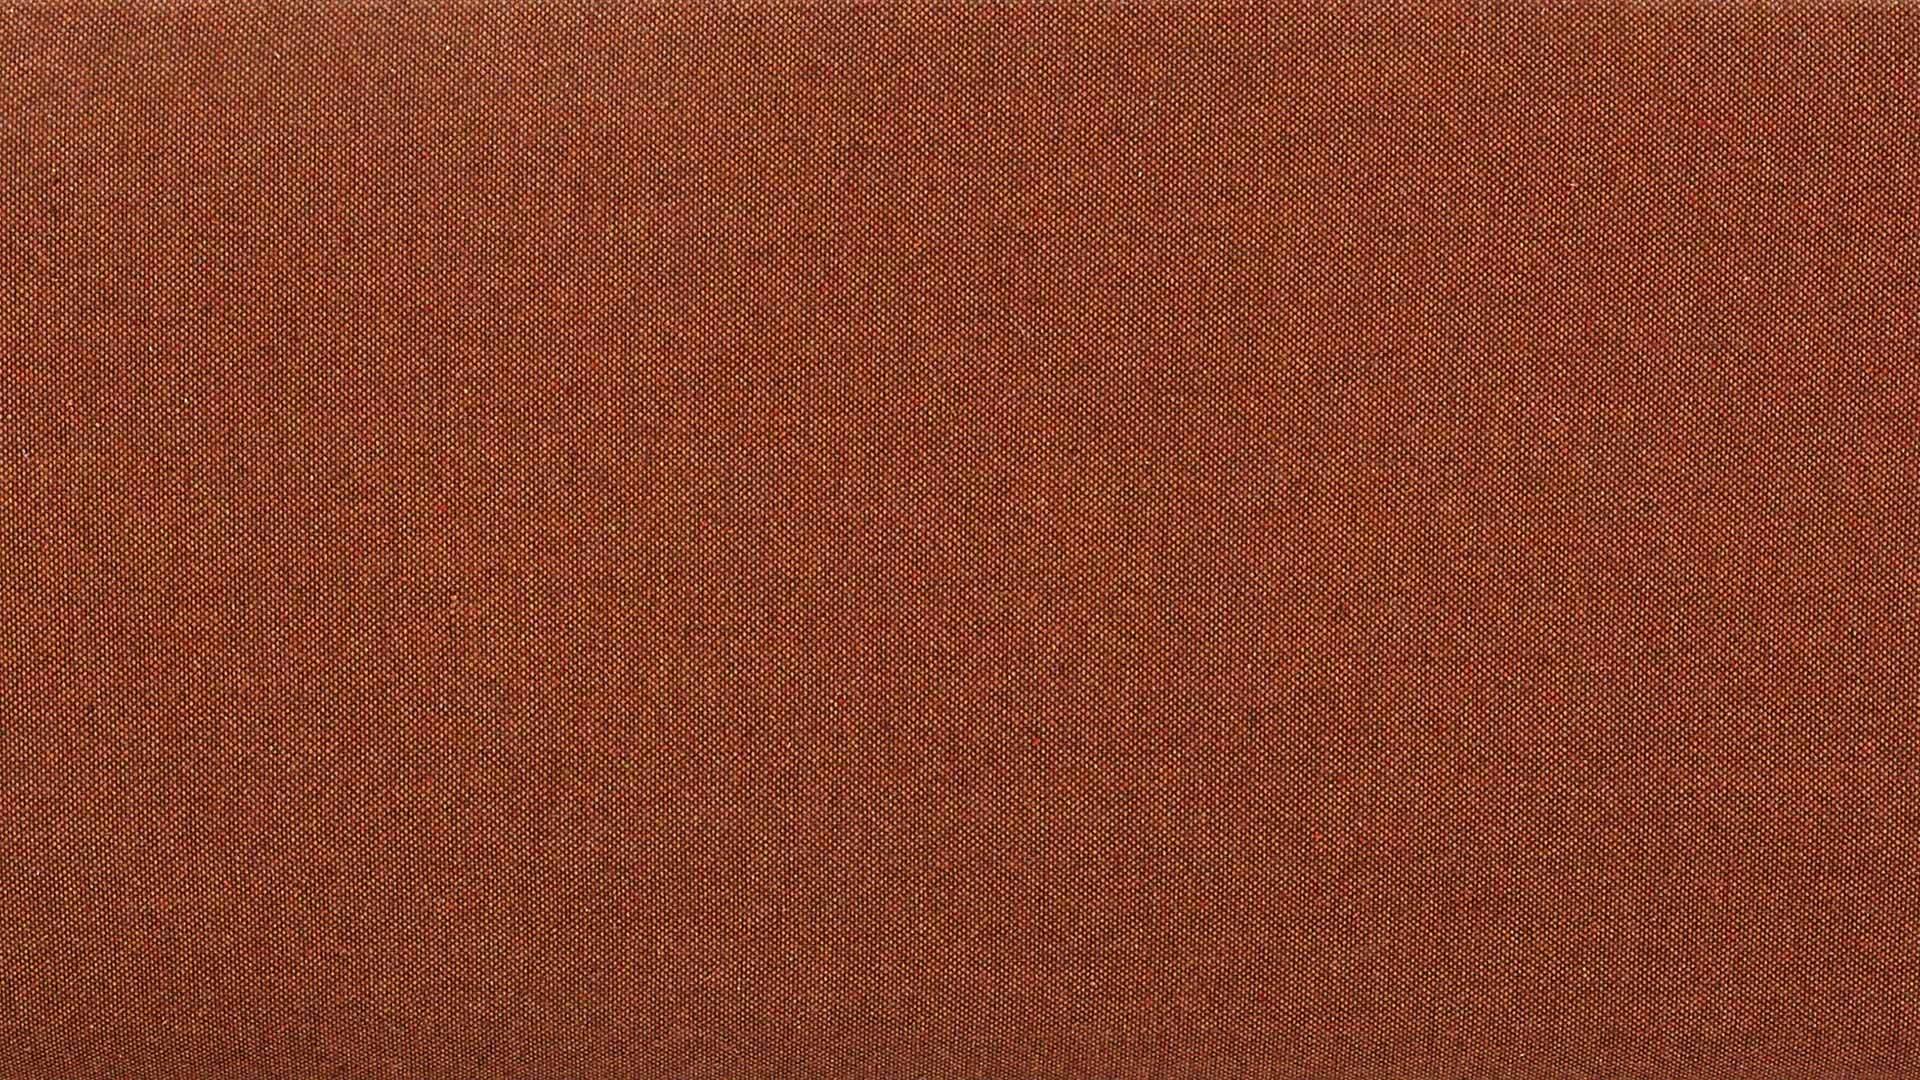 柔韧混纺面料,细密可触的质感